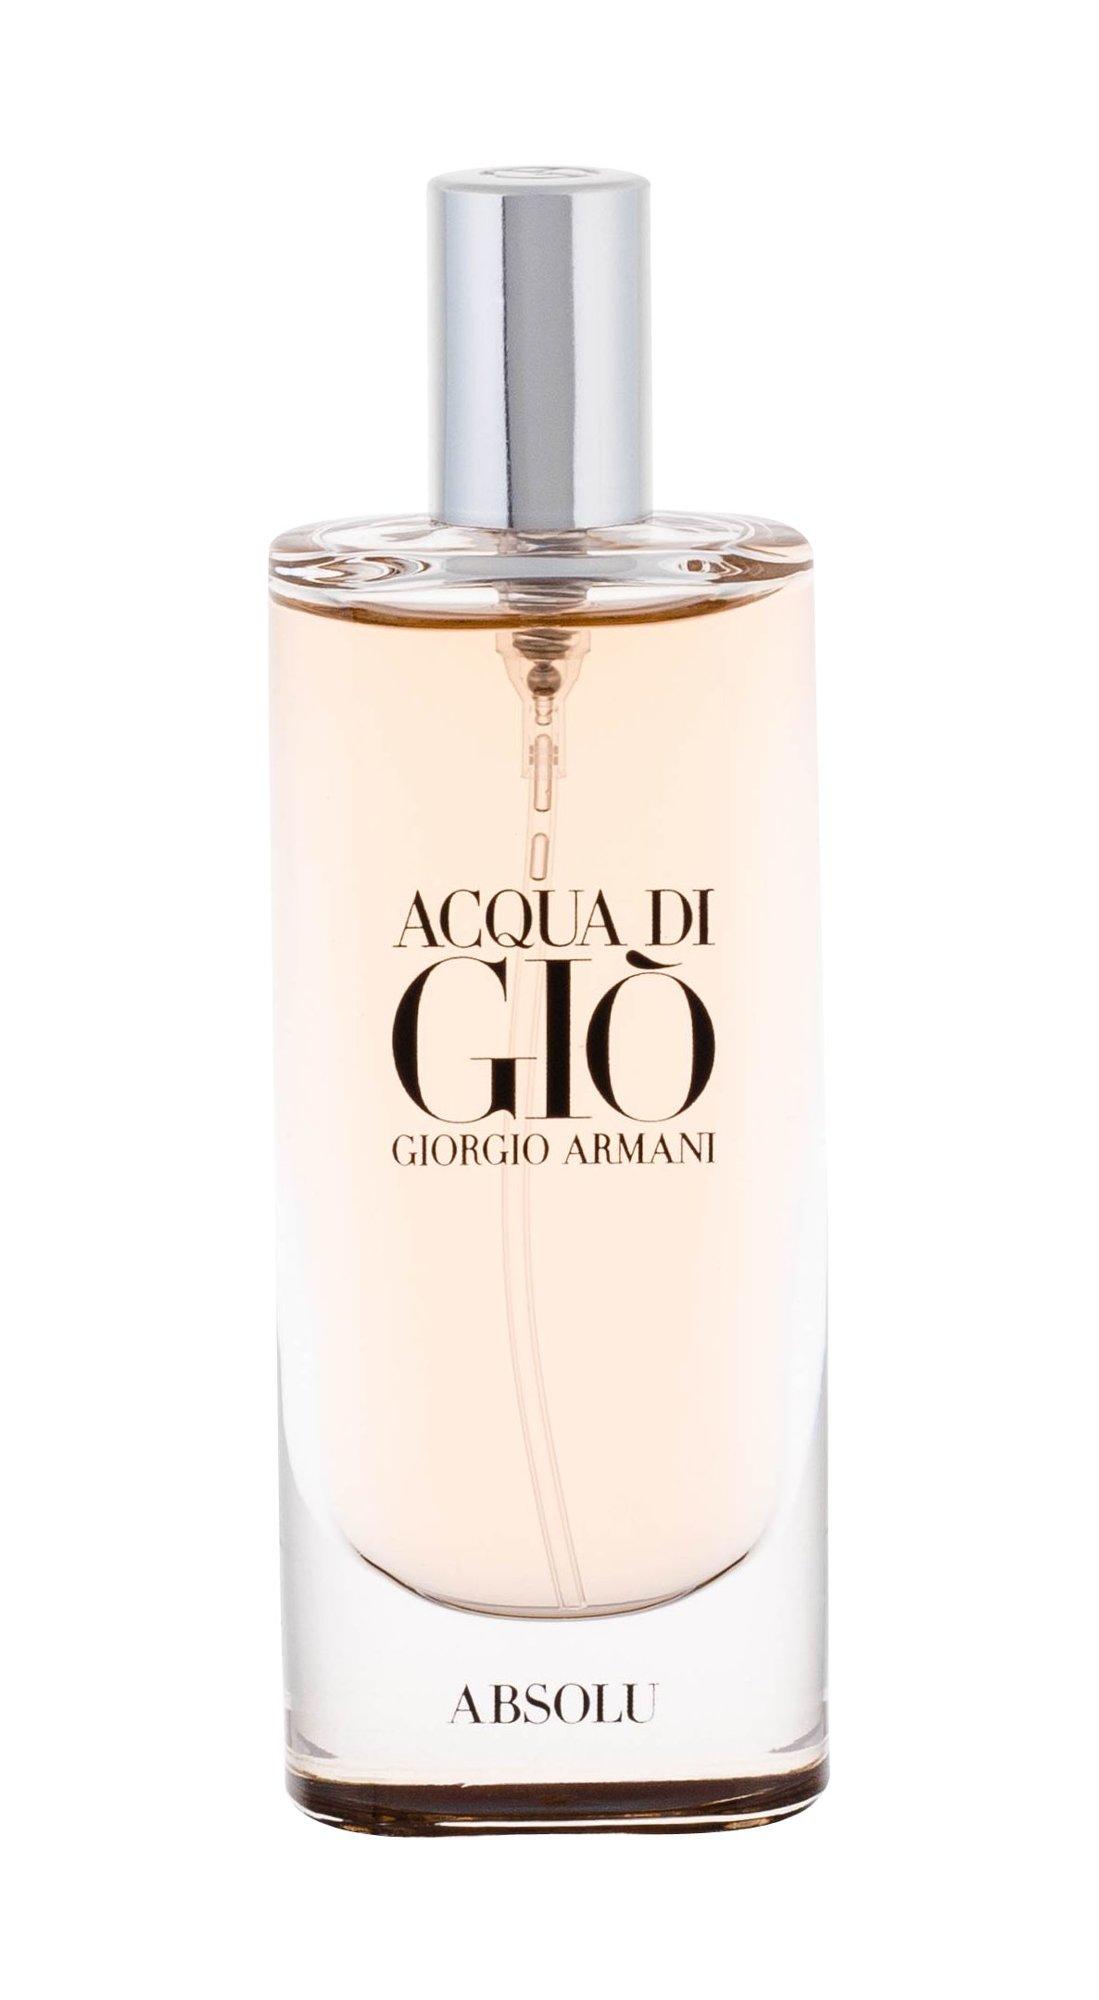 Giorgio Armani Acqua di Gio Eau de Parfum 15ml